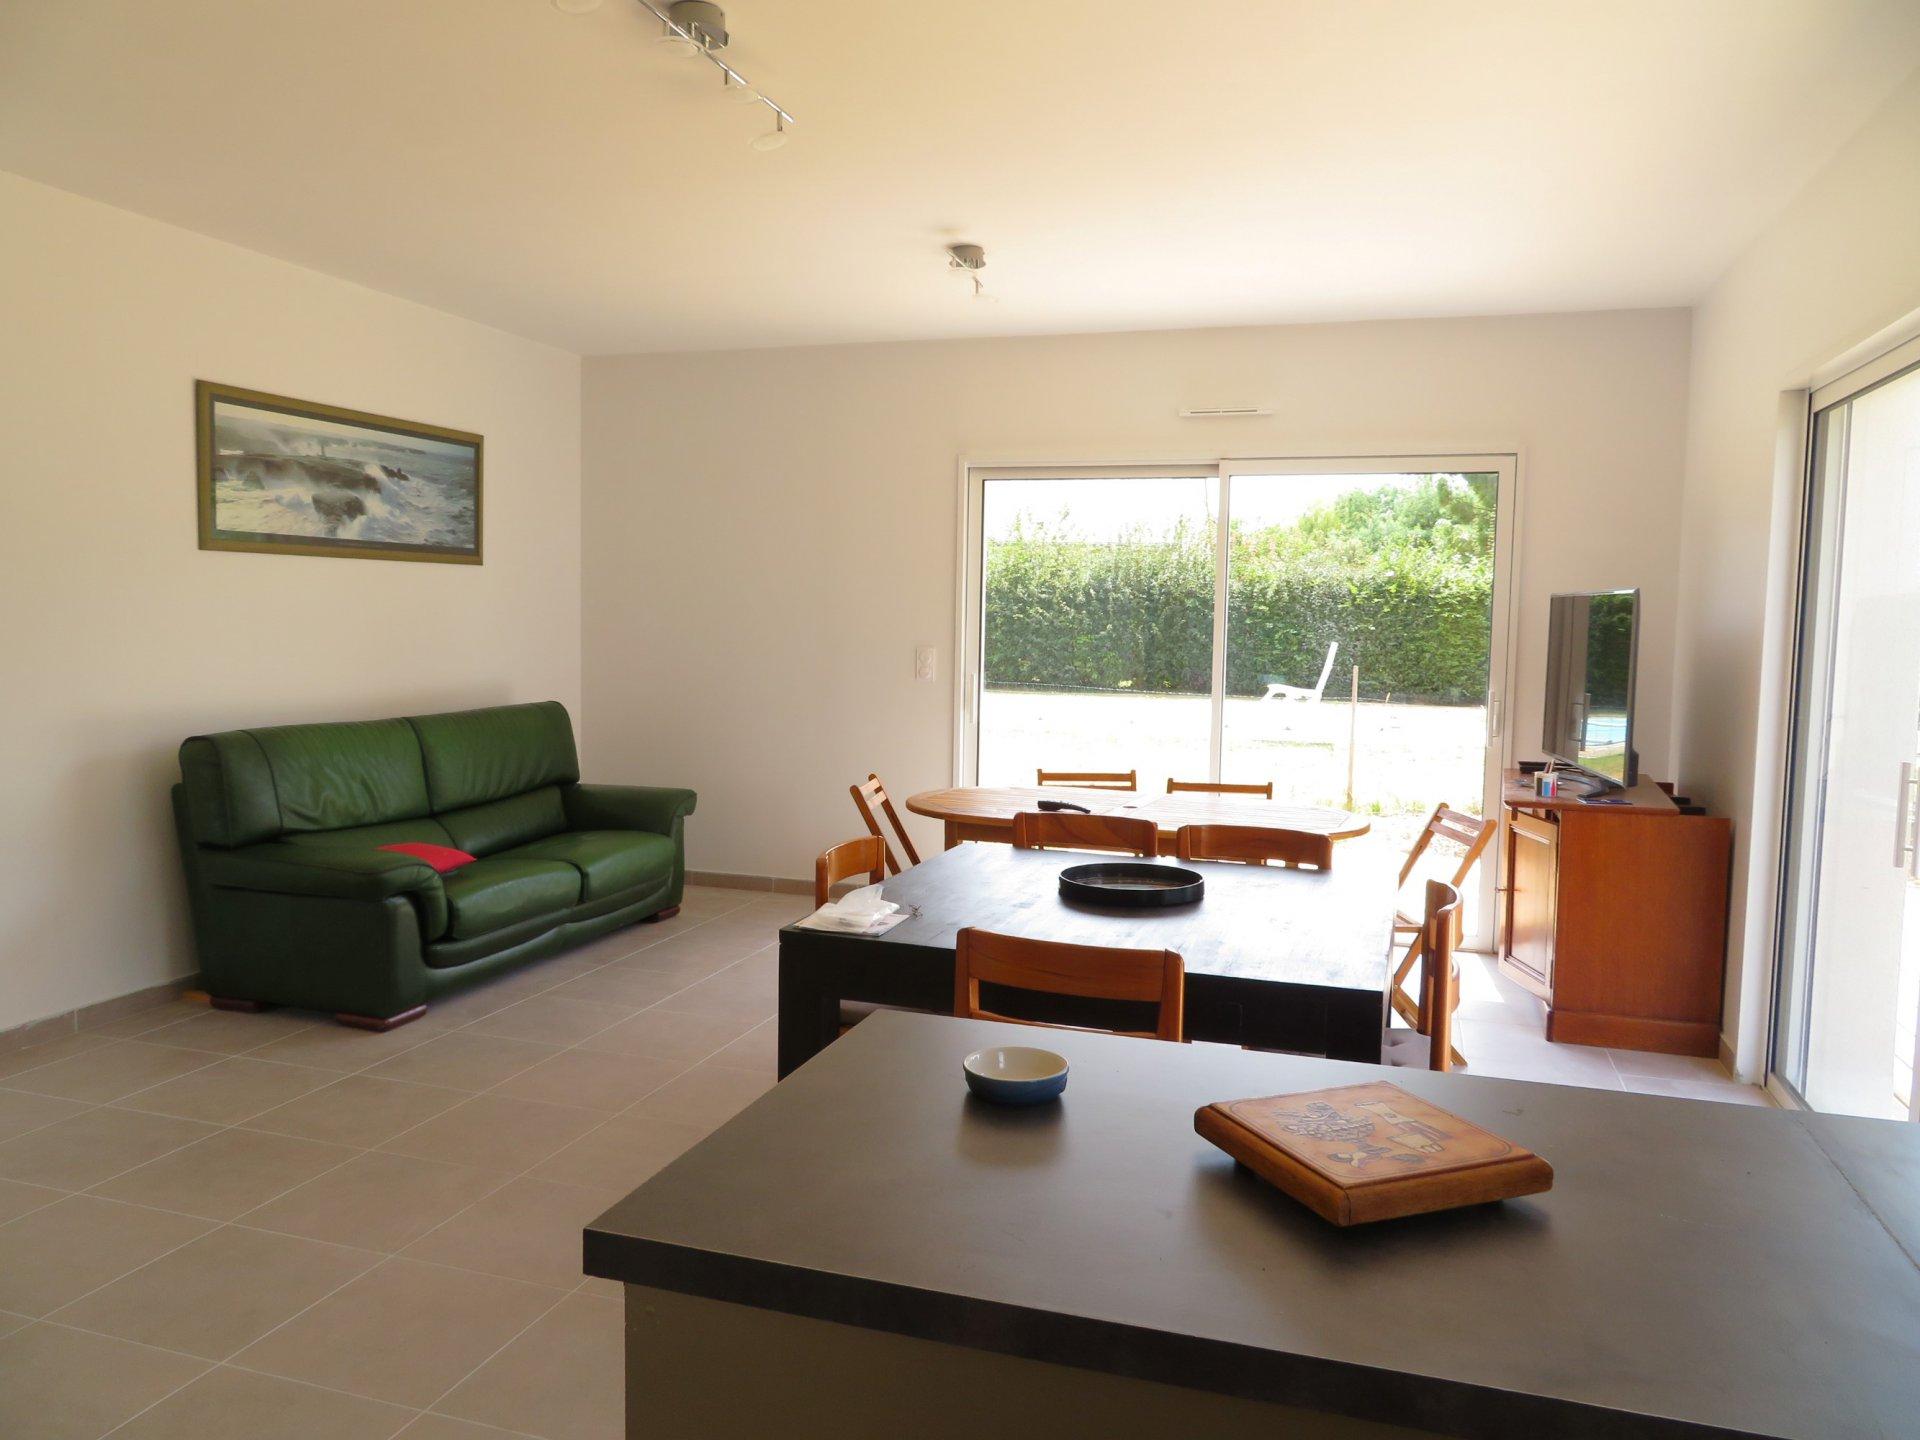 Maison à louer à Damgan Location vacances pour 6 personnes